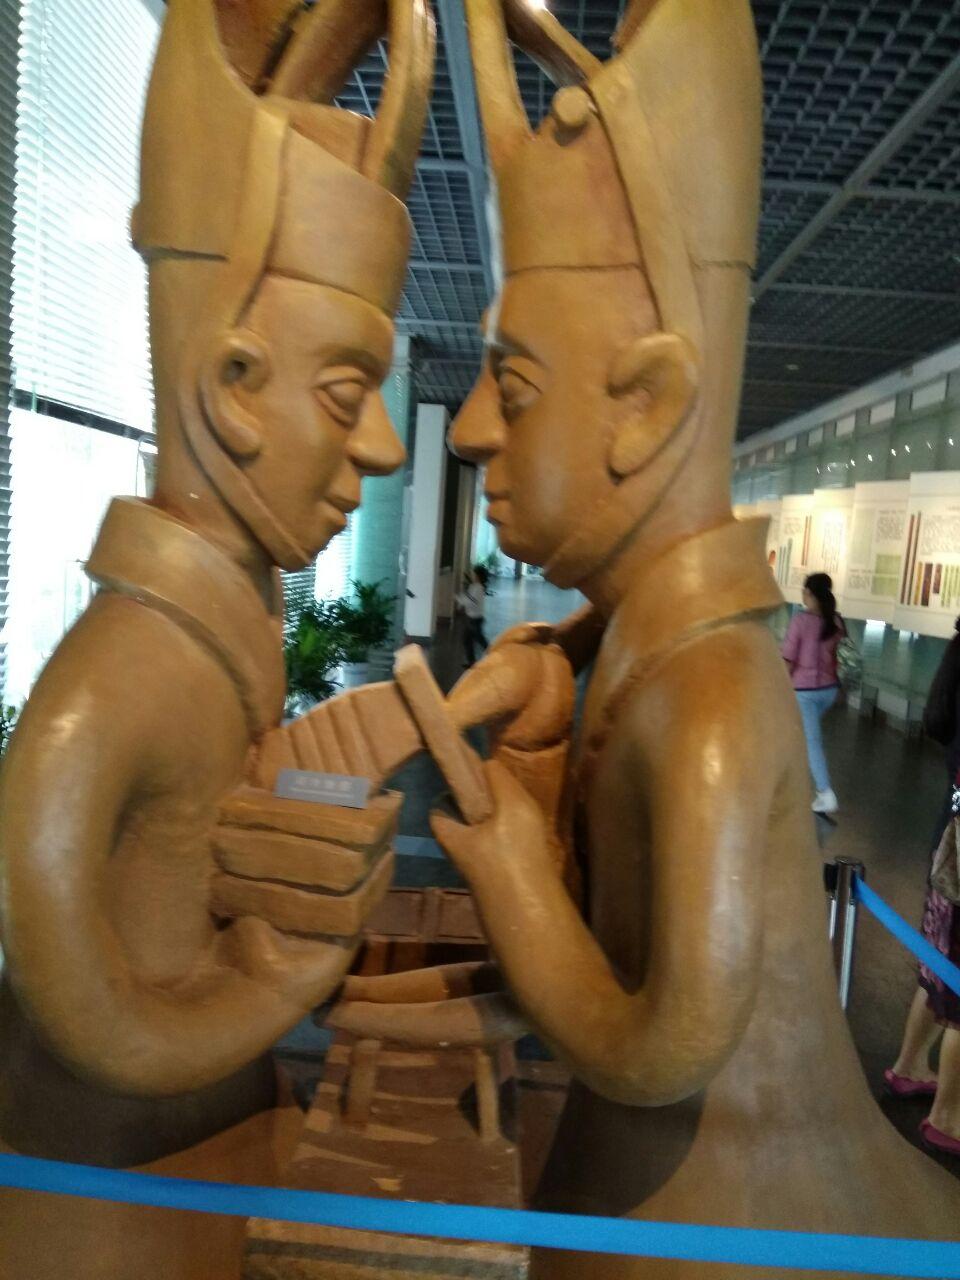 【携程攻略】湖南长沙简牍博物馆景点图片